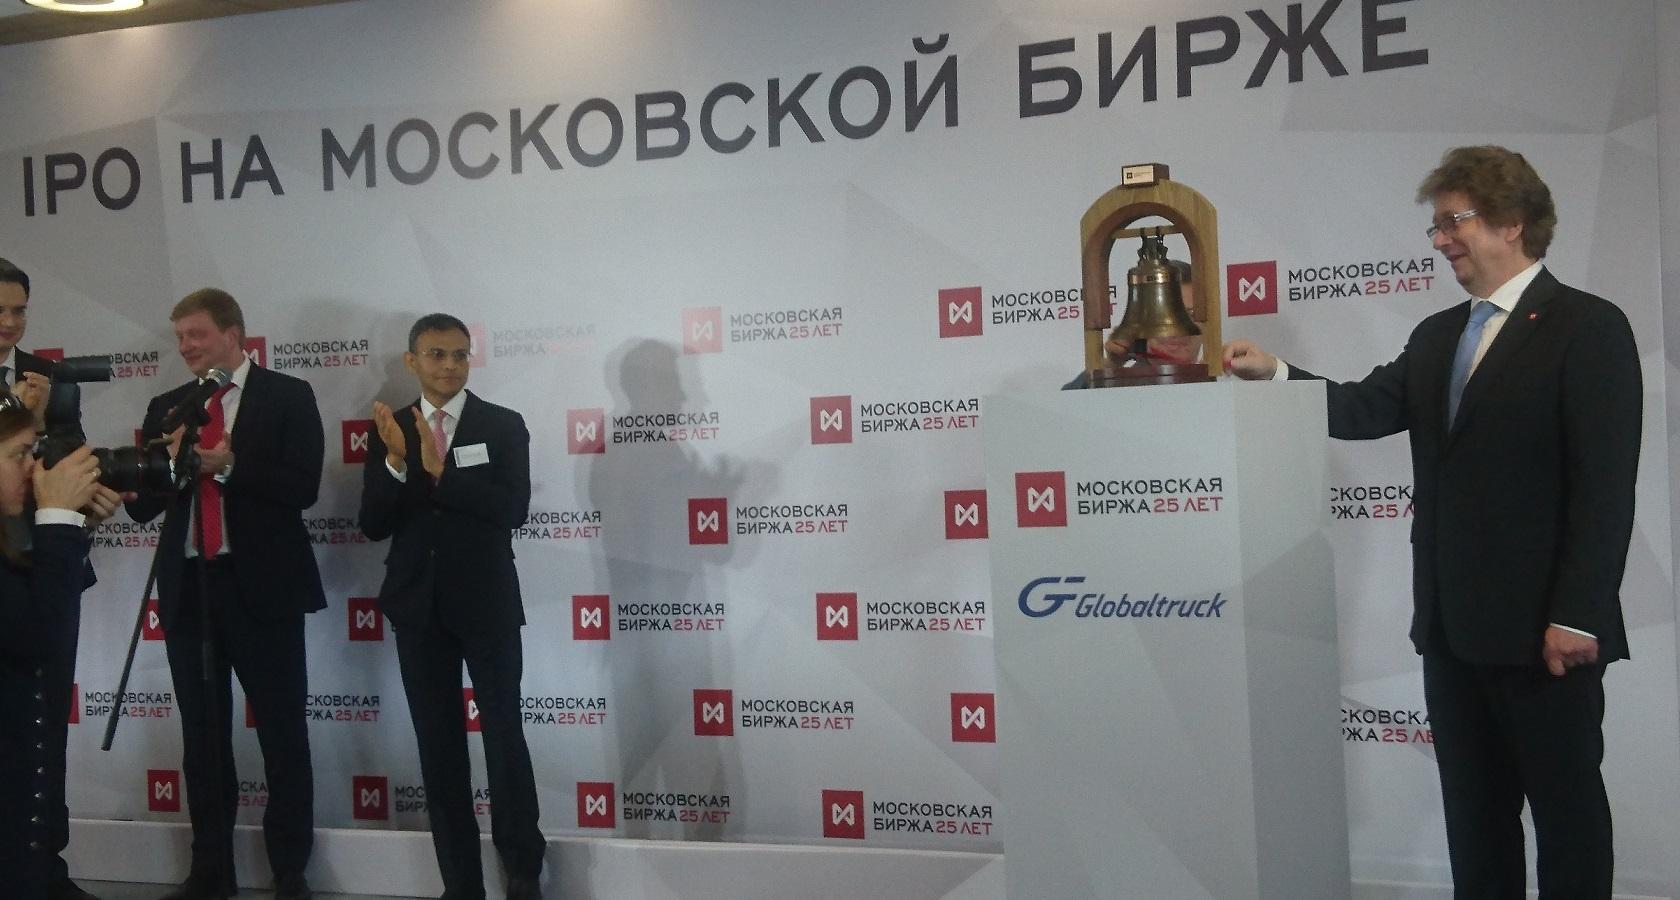 Globaltruck стал первым в России автомобильным грузовым перевозчиком, разместившим акции на Московской бирже (фото: Московская биржа)